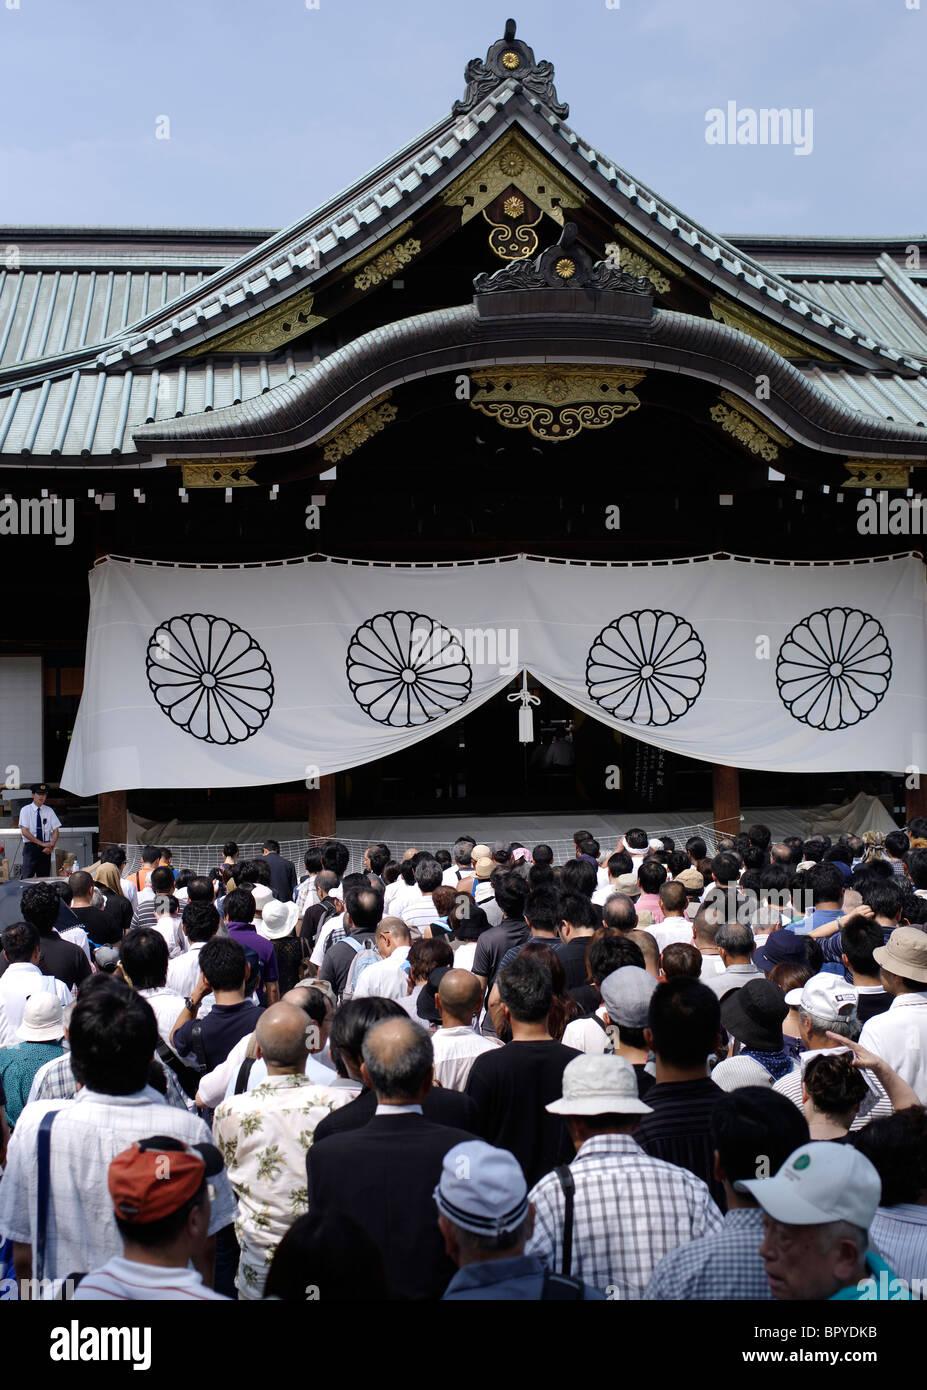 Anniversaire du 15 août, la remise des forces japonaises à la fin de la seconde guerre mondiale a lieu Photo Stock